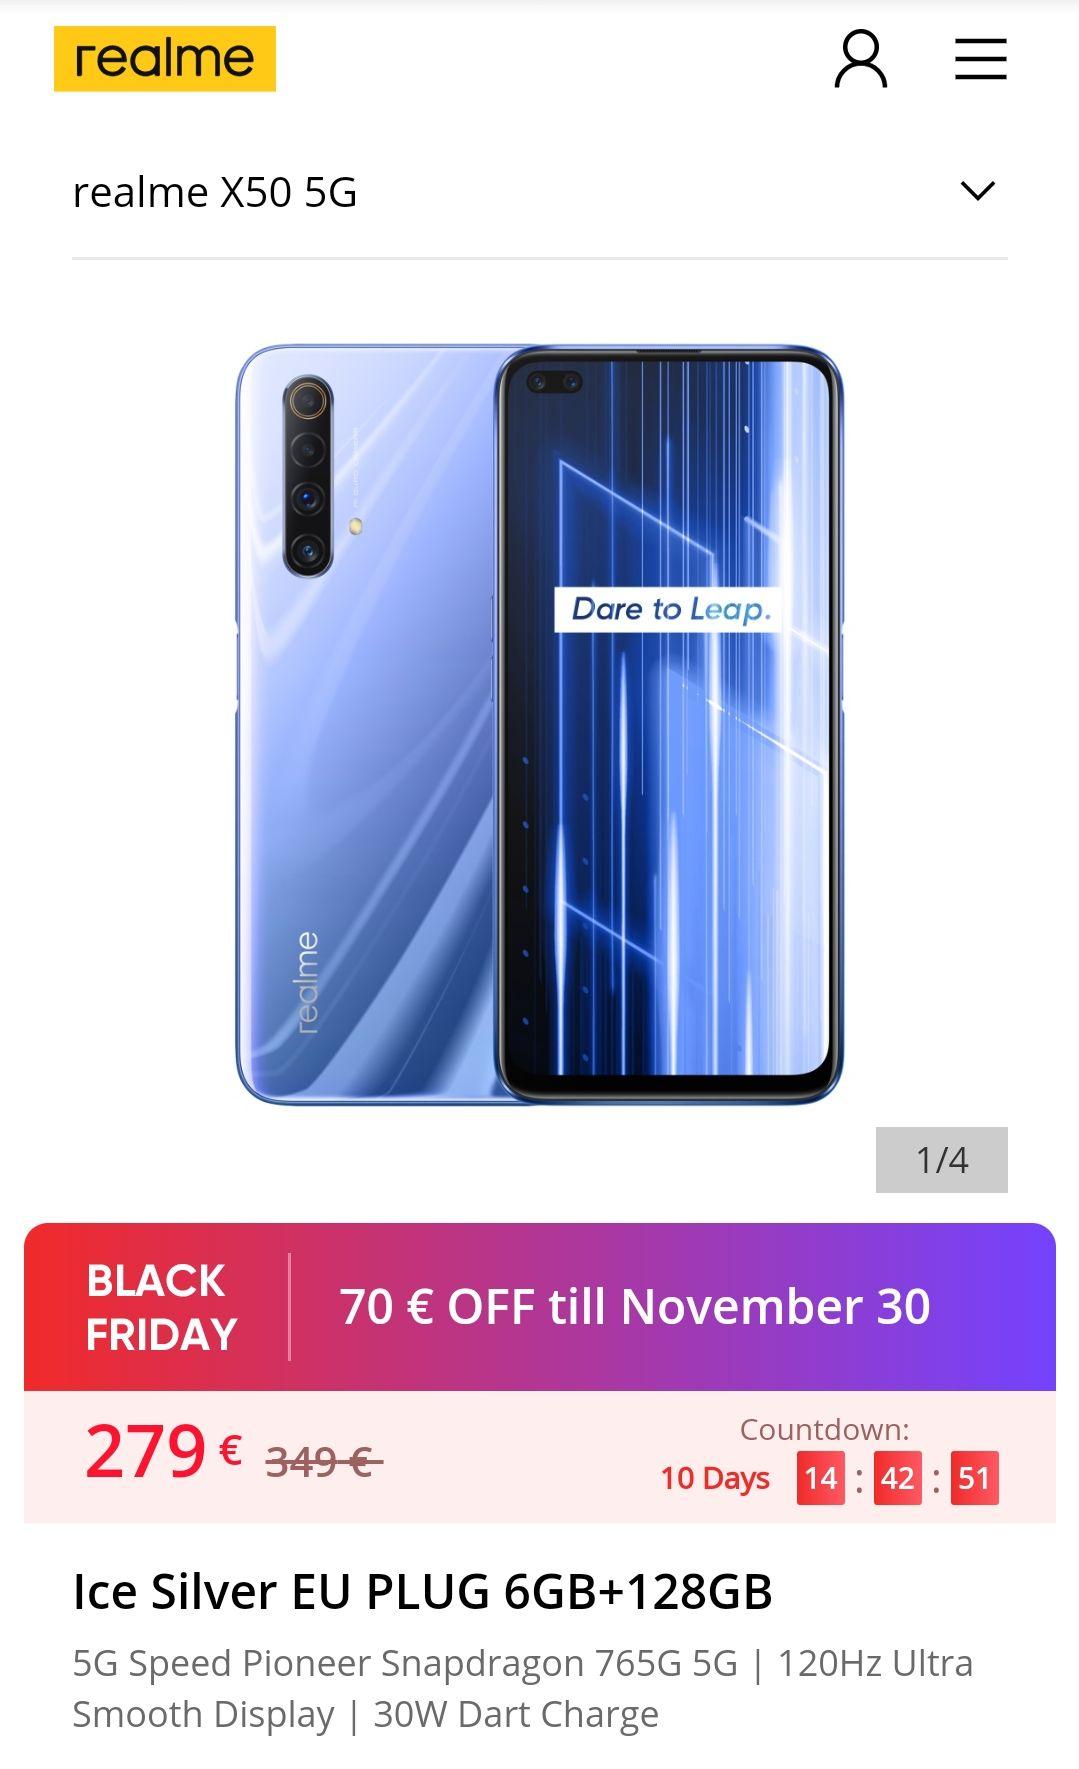 Realme X50 5G direkt bei Realme und weitere Handys